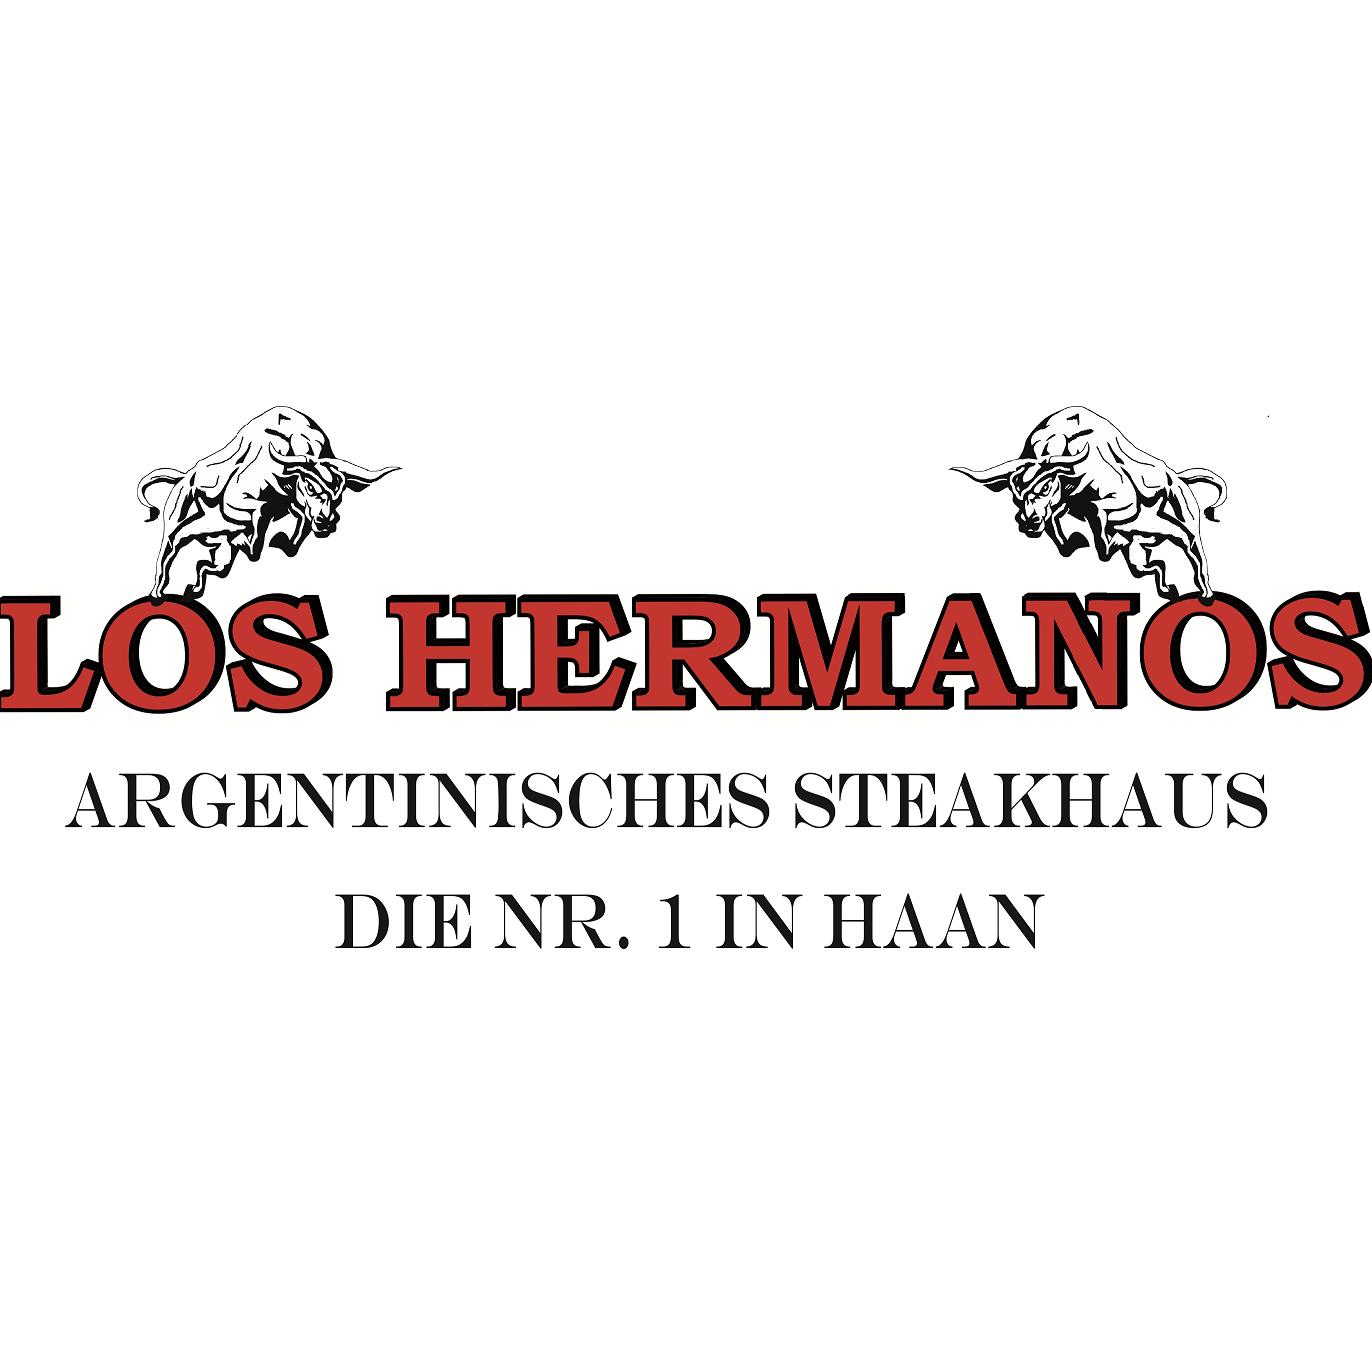 Bild zu Los Hermanos - Argentinisches Steakhaus in Haan im Rheinland